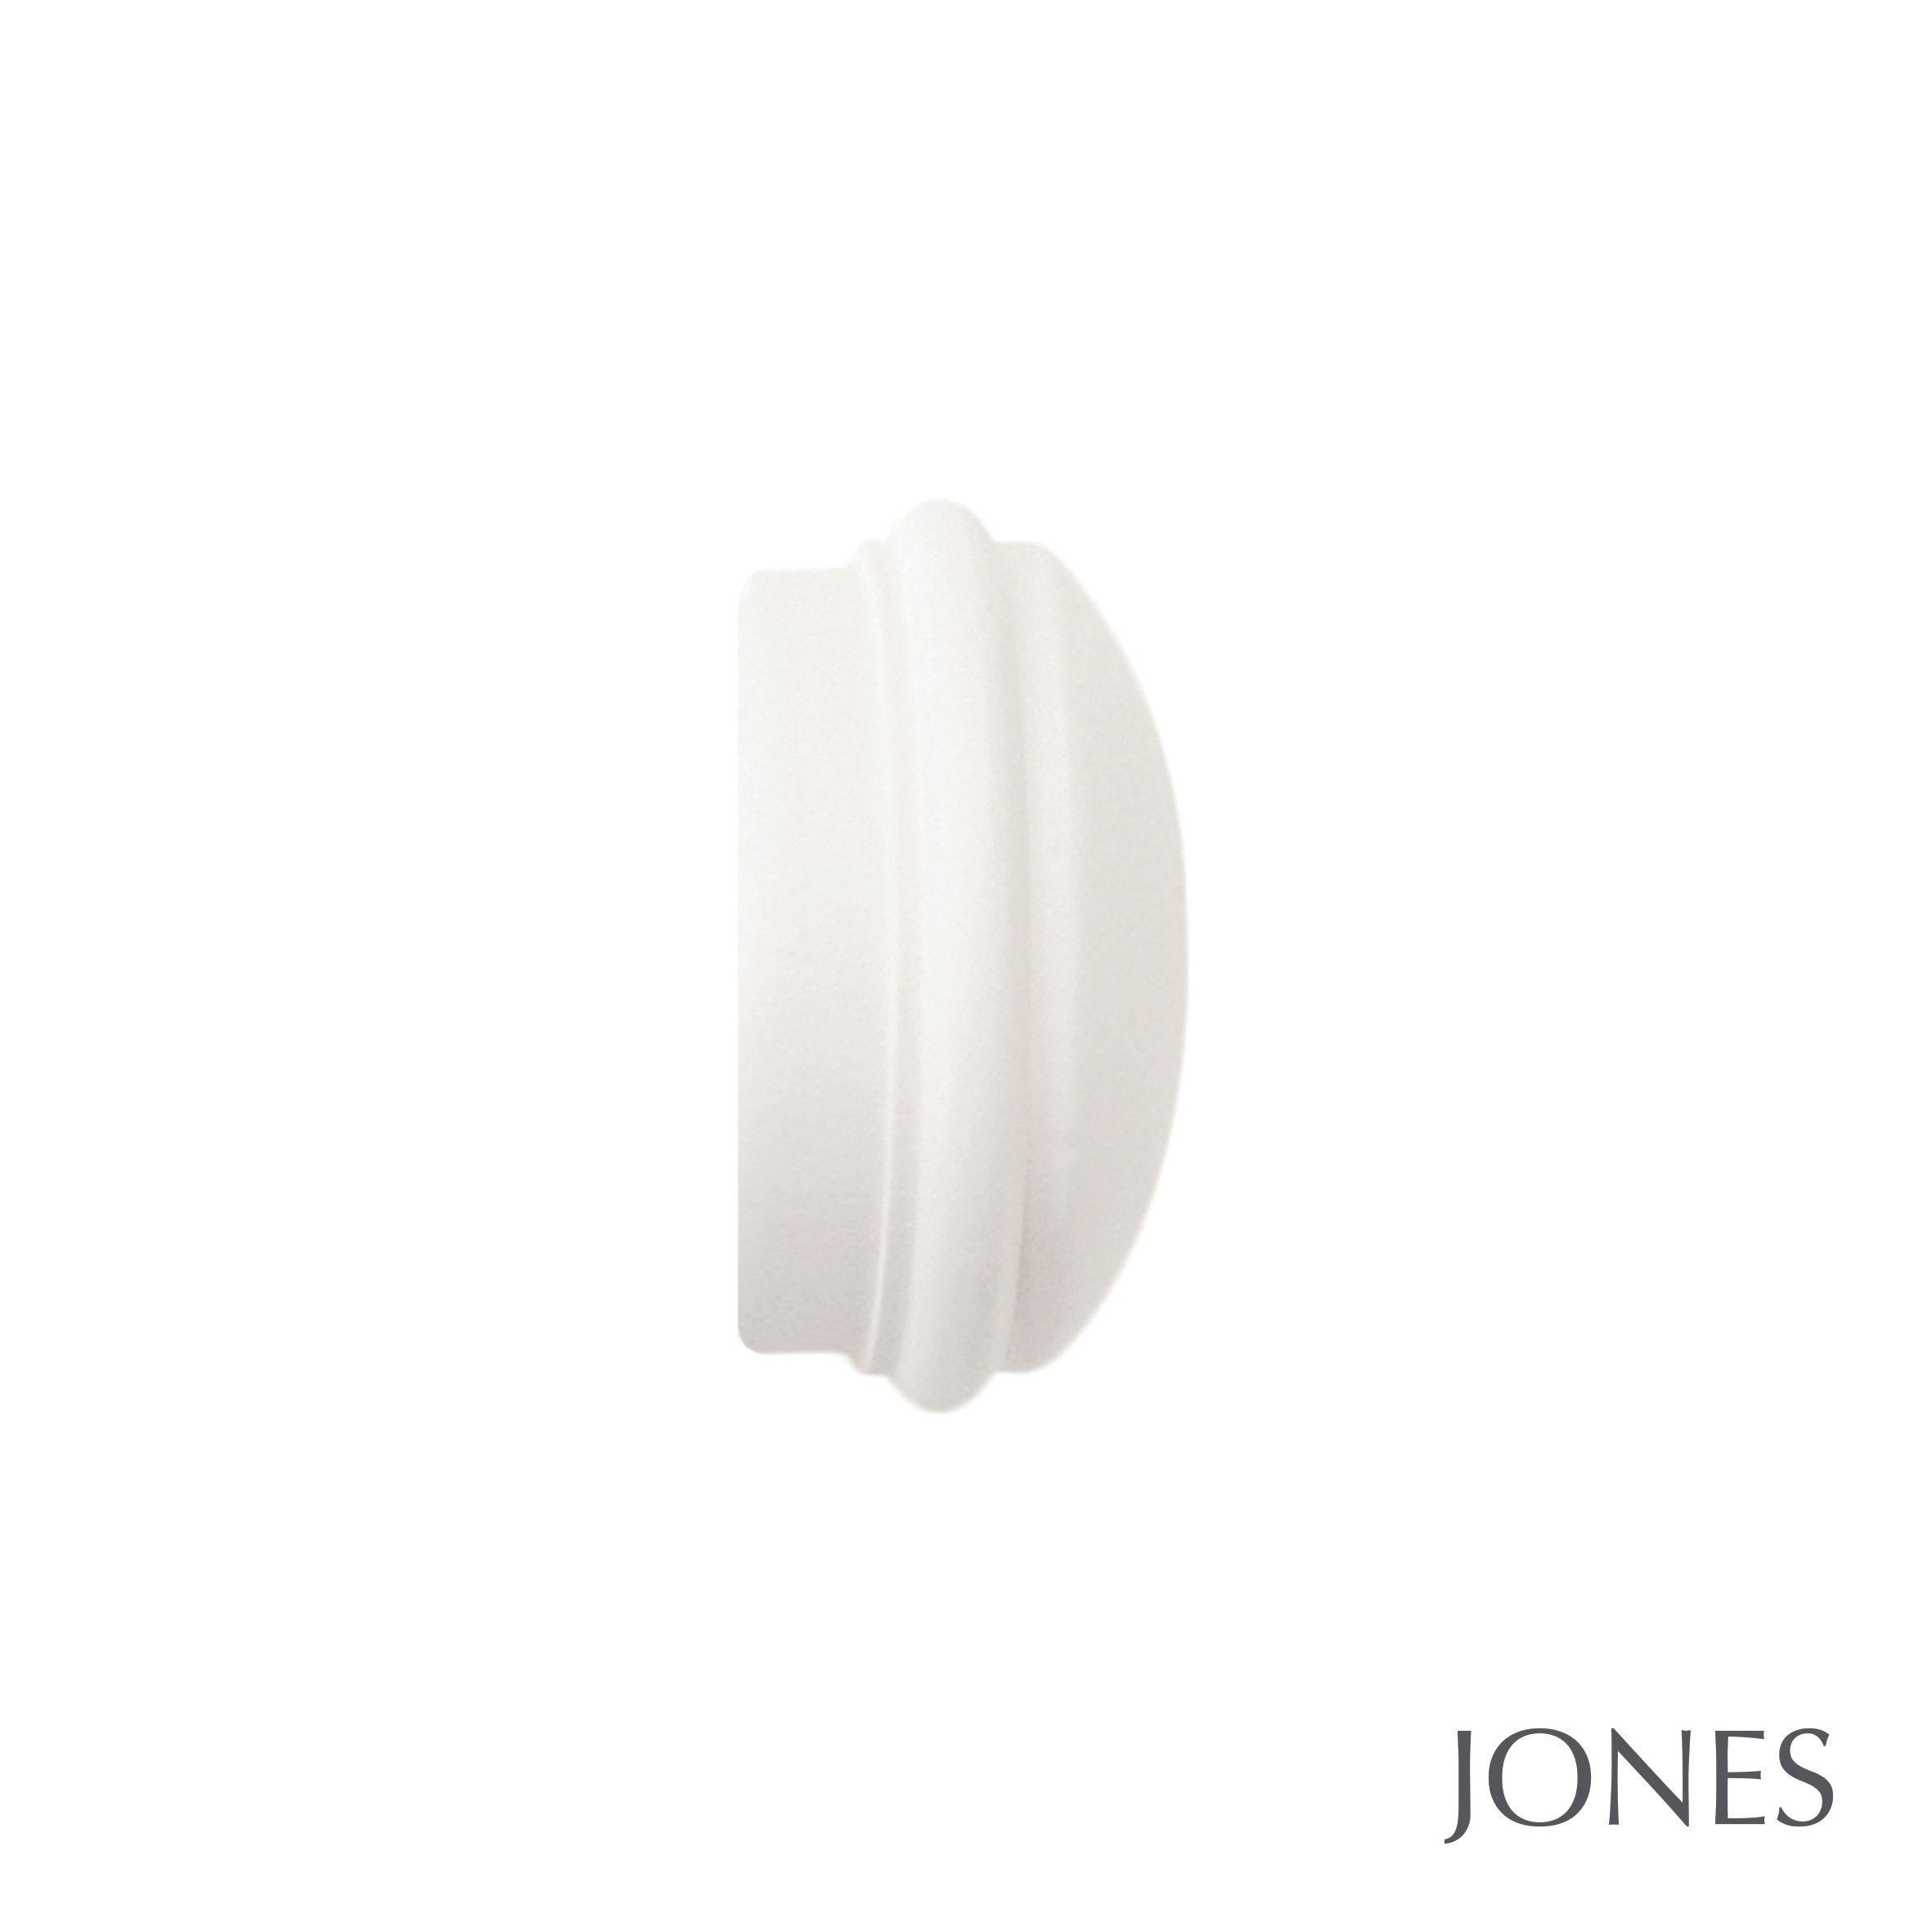 40mm Jones Seychelles End Cap Finial cotton